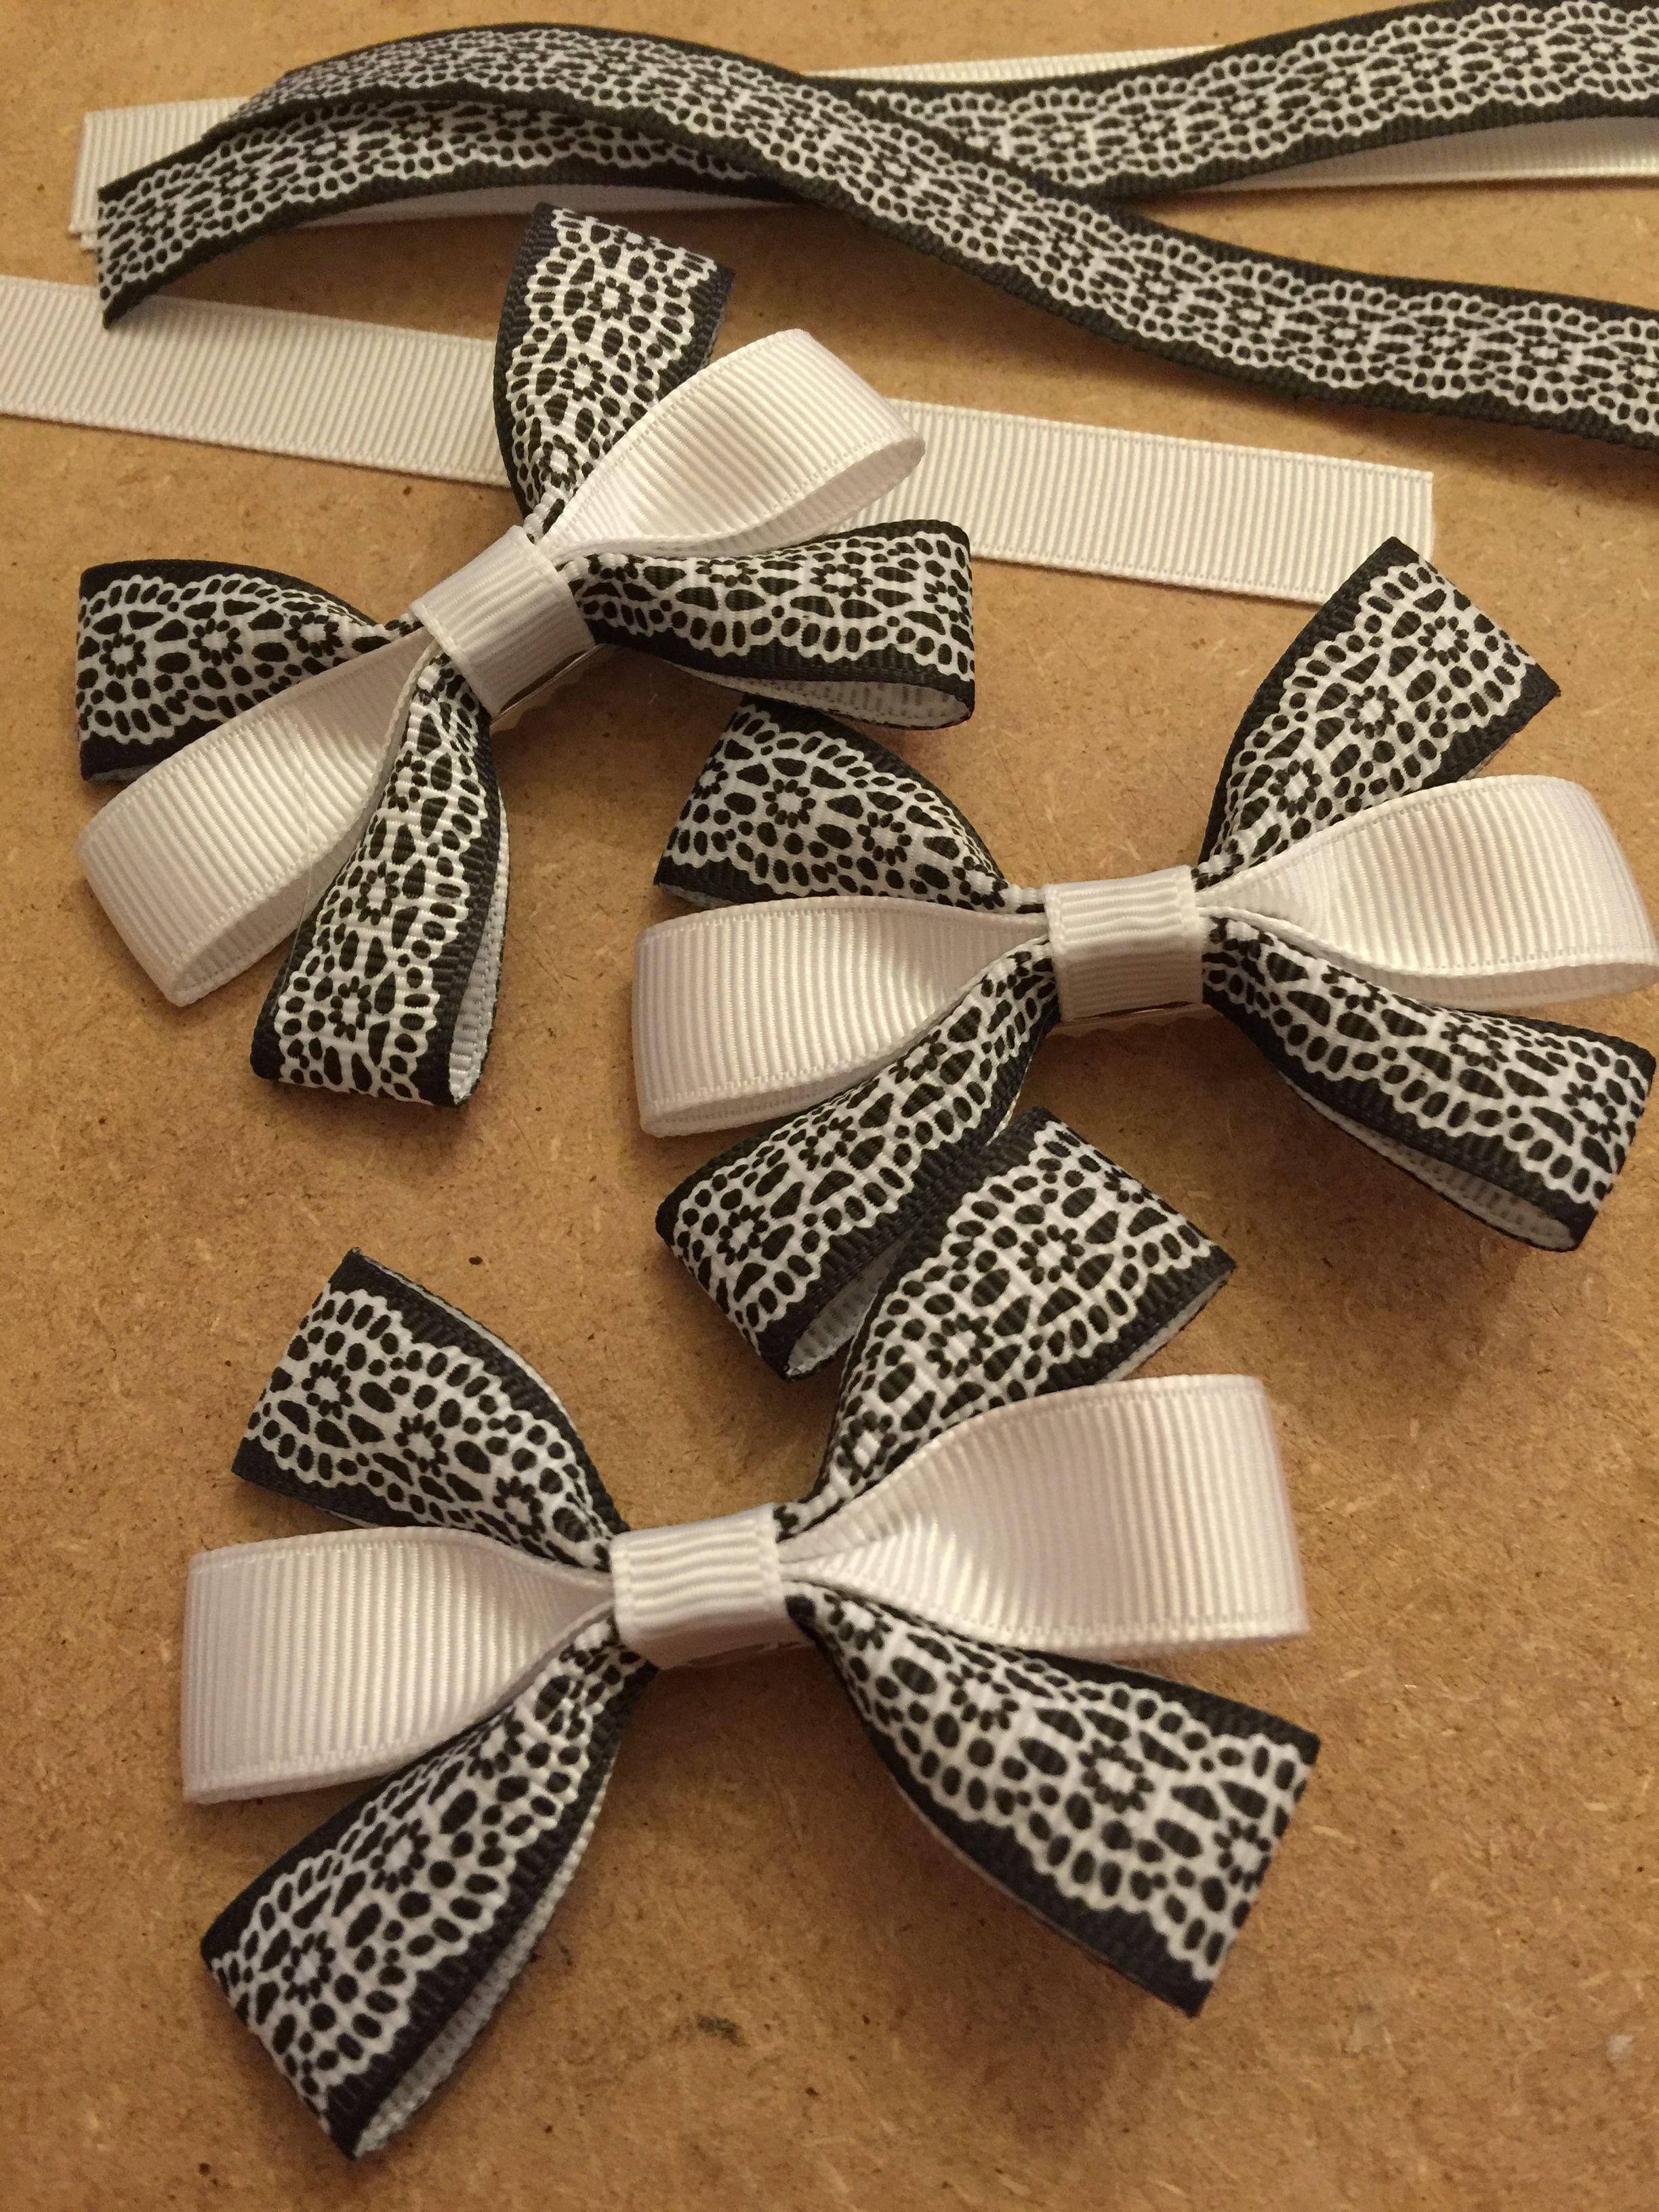 f56d37e24e5da Making hair bows at dreambows  3 love hair bows